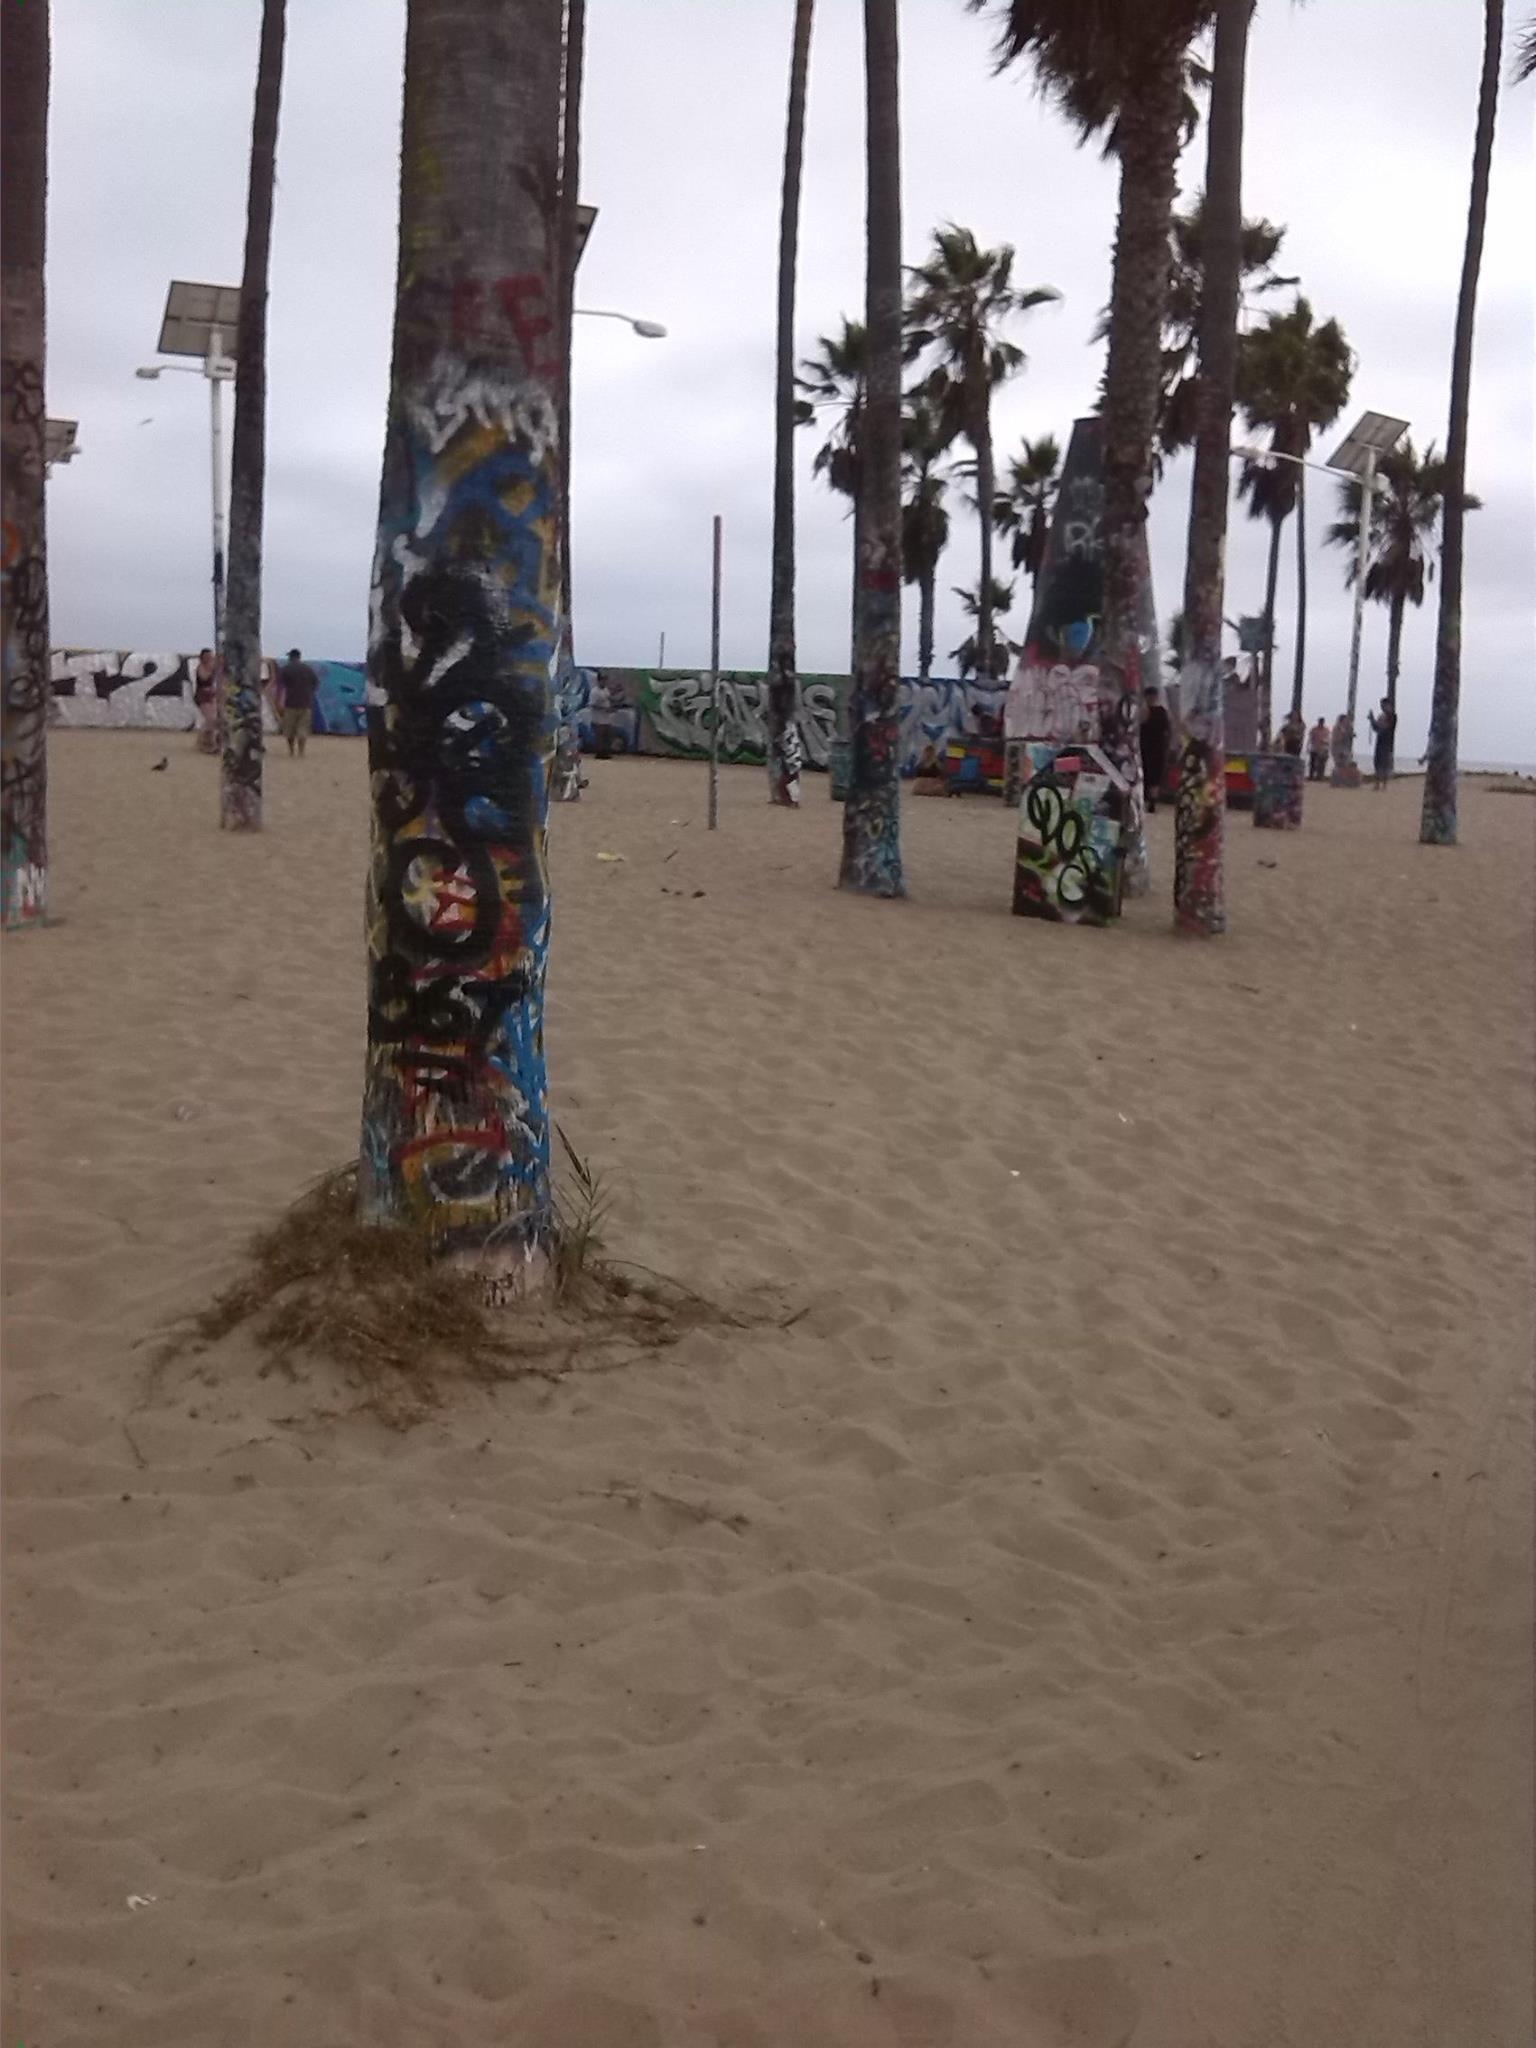 Walking around Venice beach.